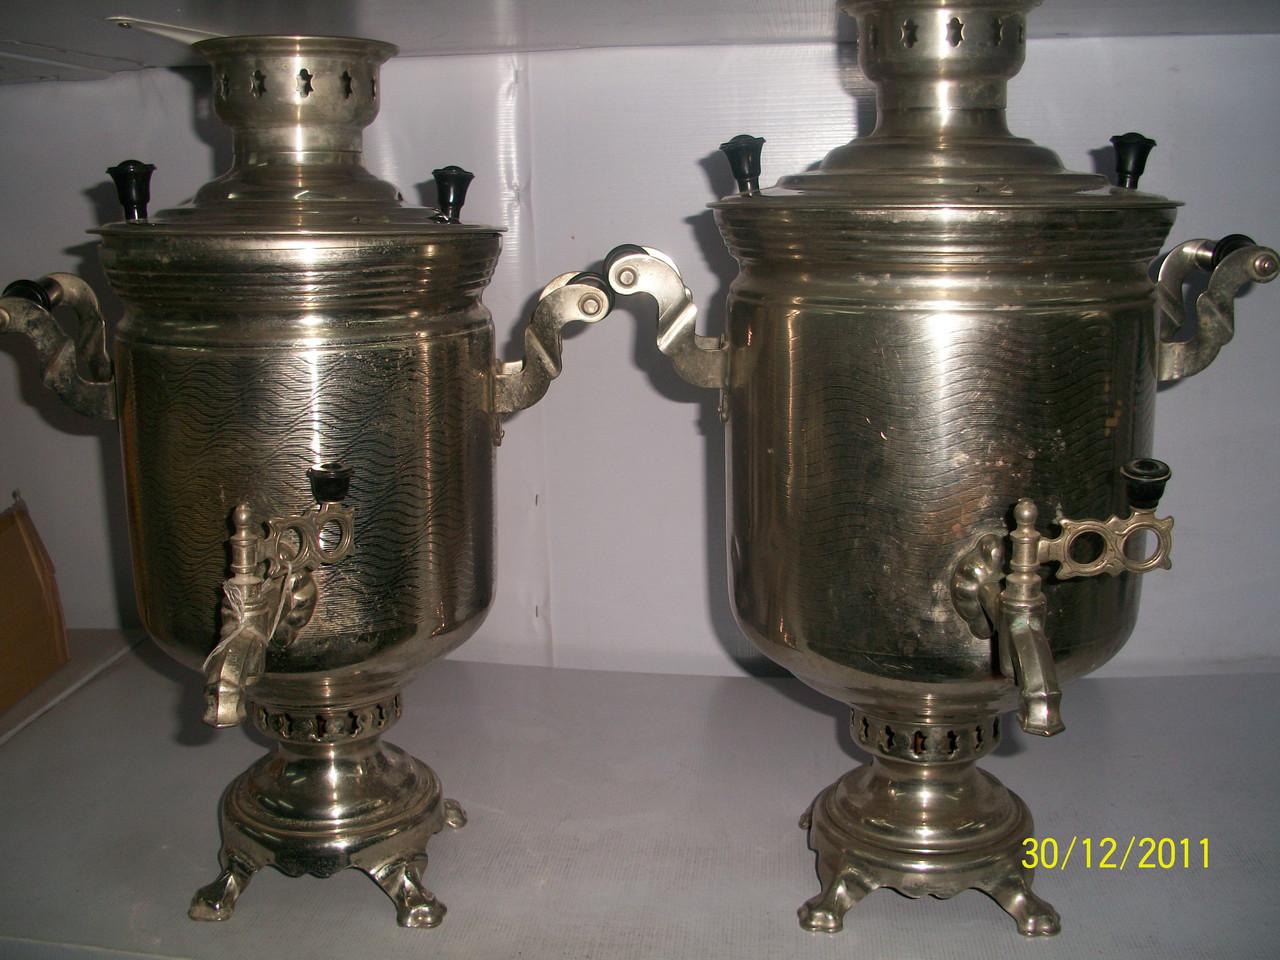 Самовары латунные, жаровые производство СССР 1978-1986 г.в., новые, объем 7 литров